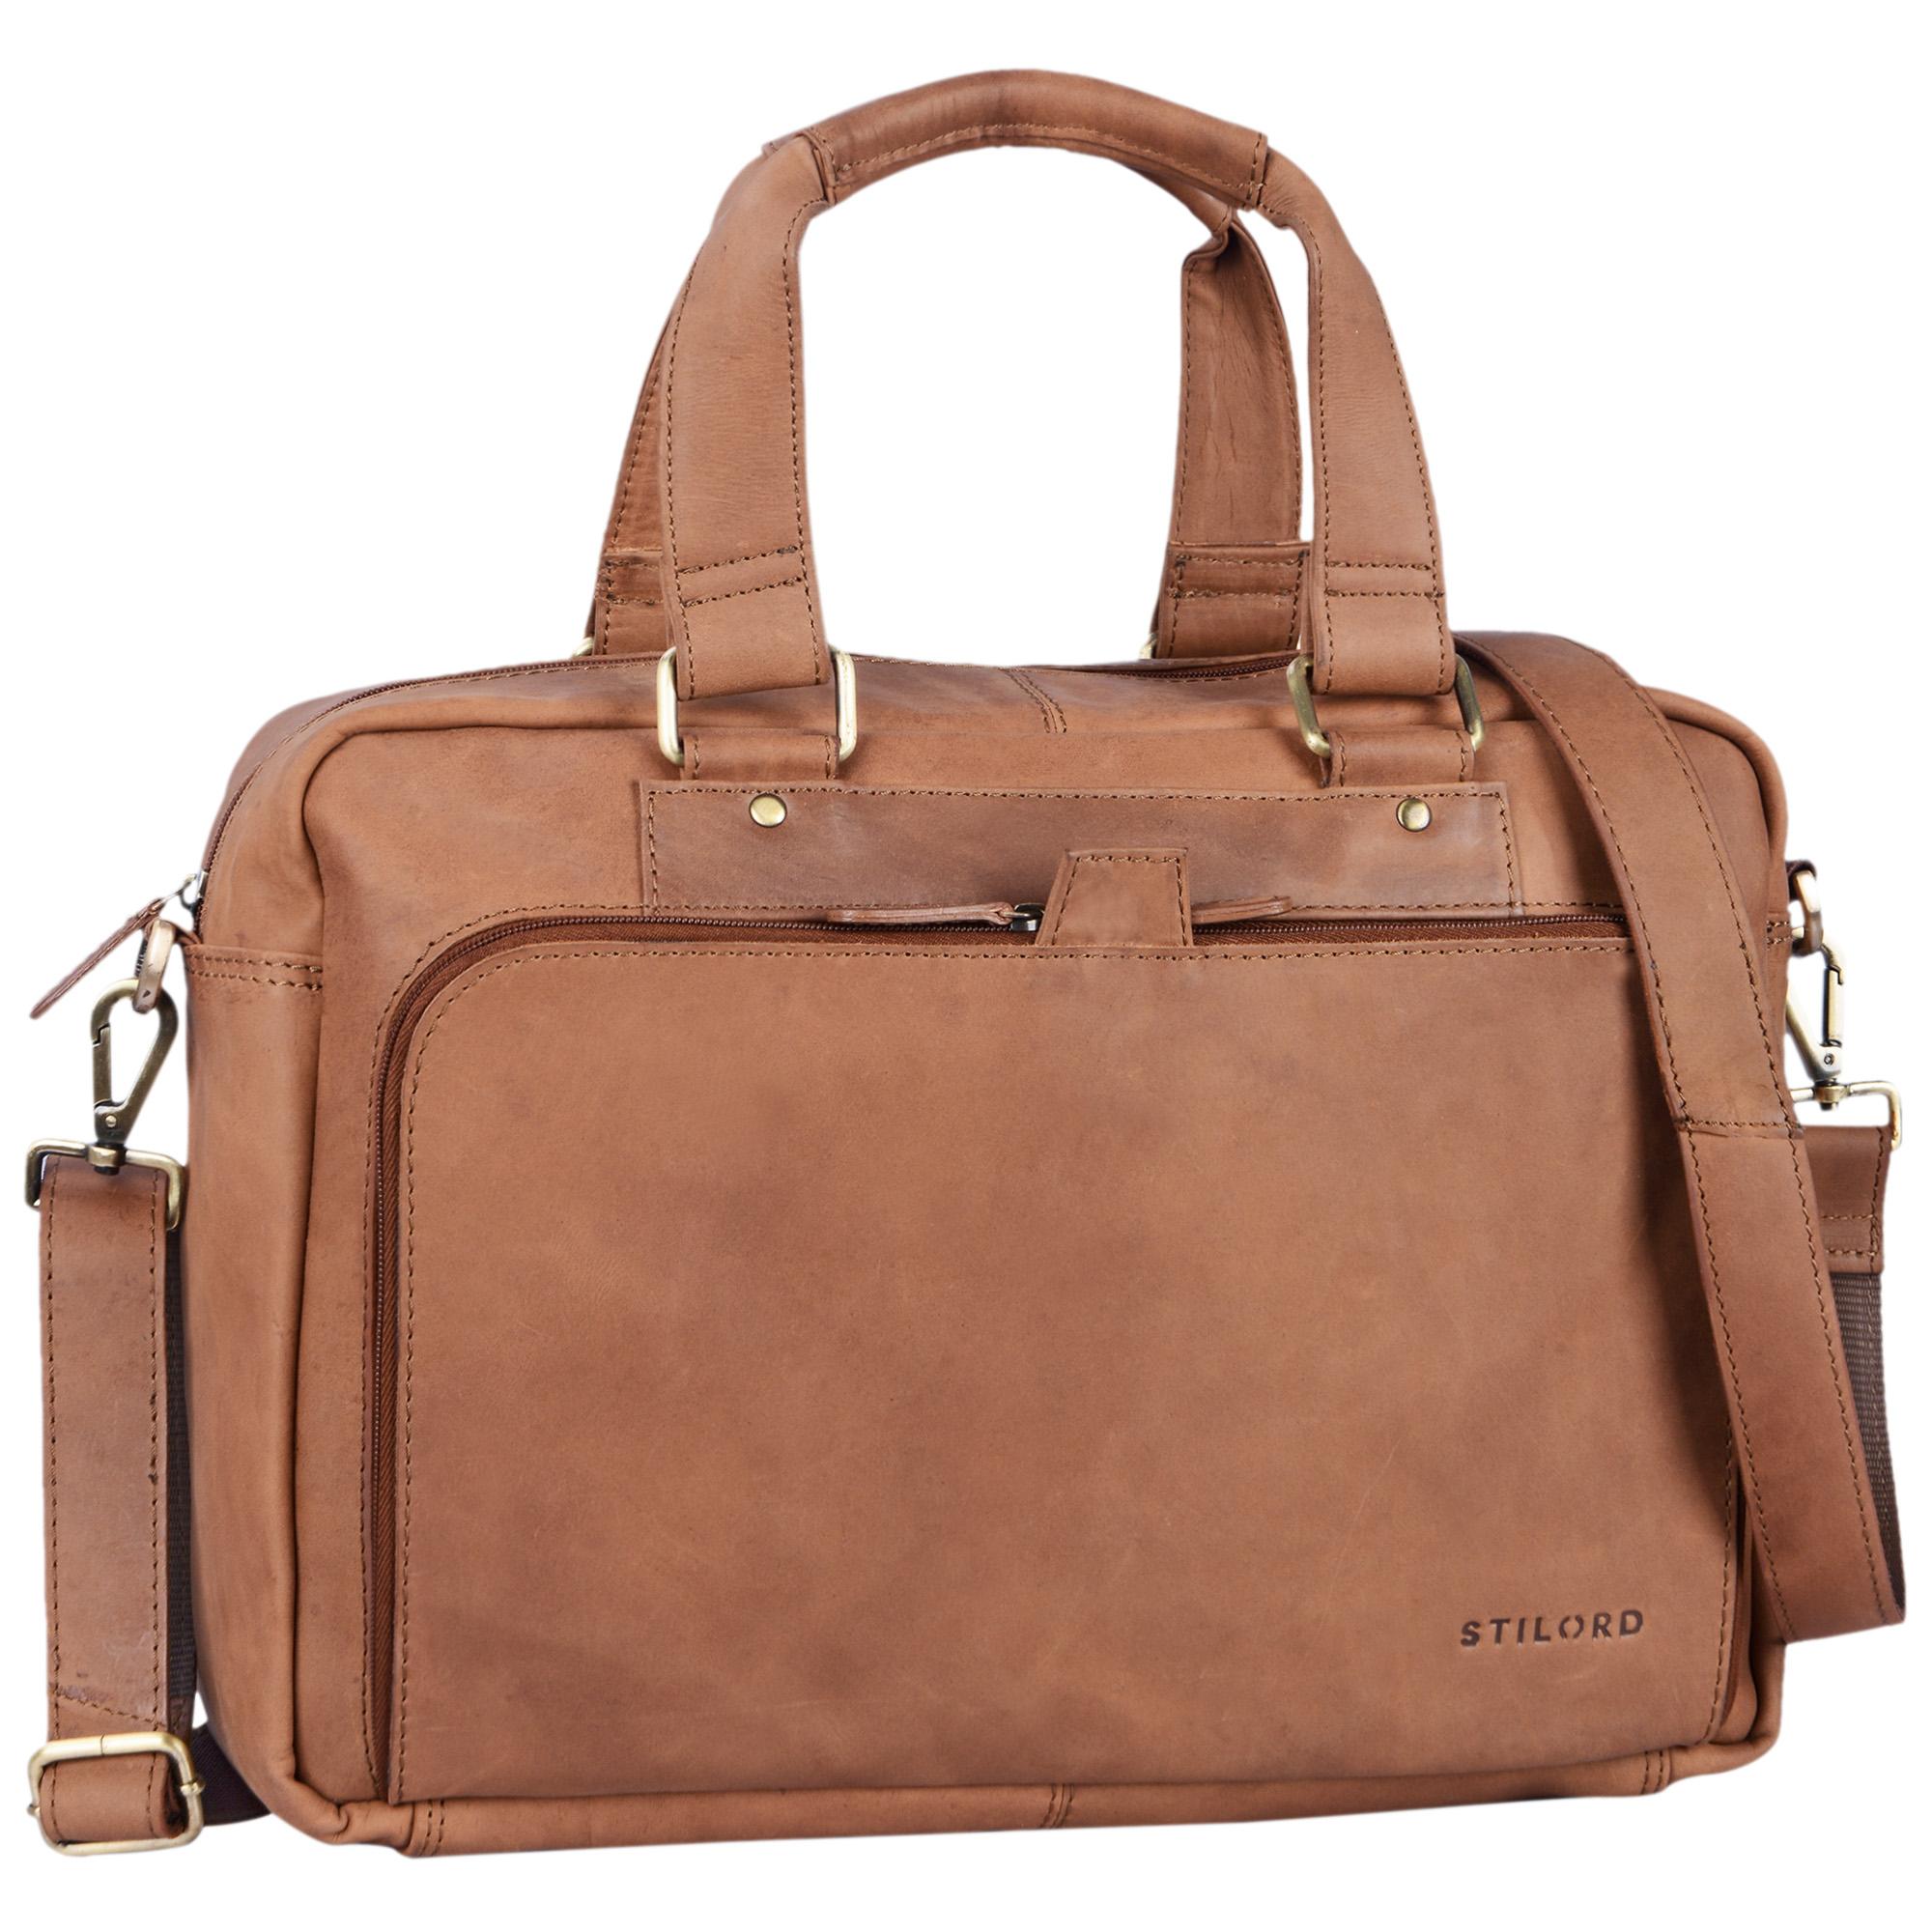 """STILORD """"Jon"""" Vintage Leder Umhängetasche Herren Damen Laptoptasche 15.6 Zoll für große DIN A4 Aktenordner Business Büro Arbeit Uni echtes Büffelleder - Bild 16"""